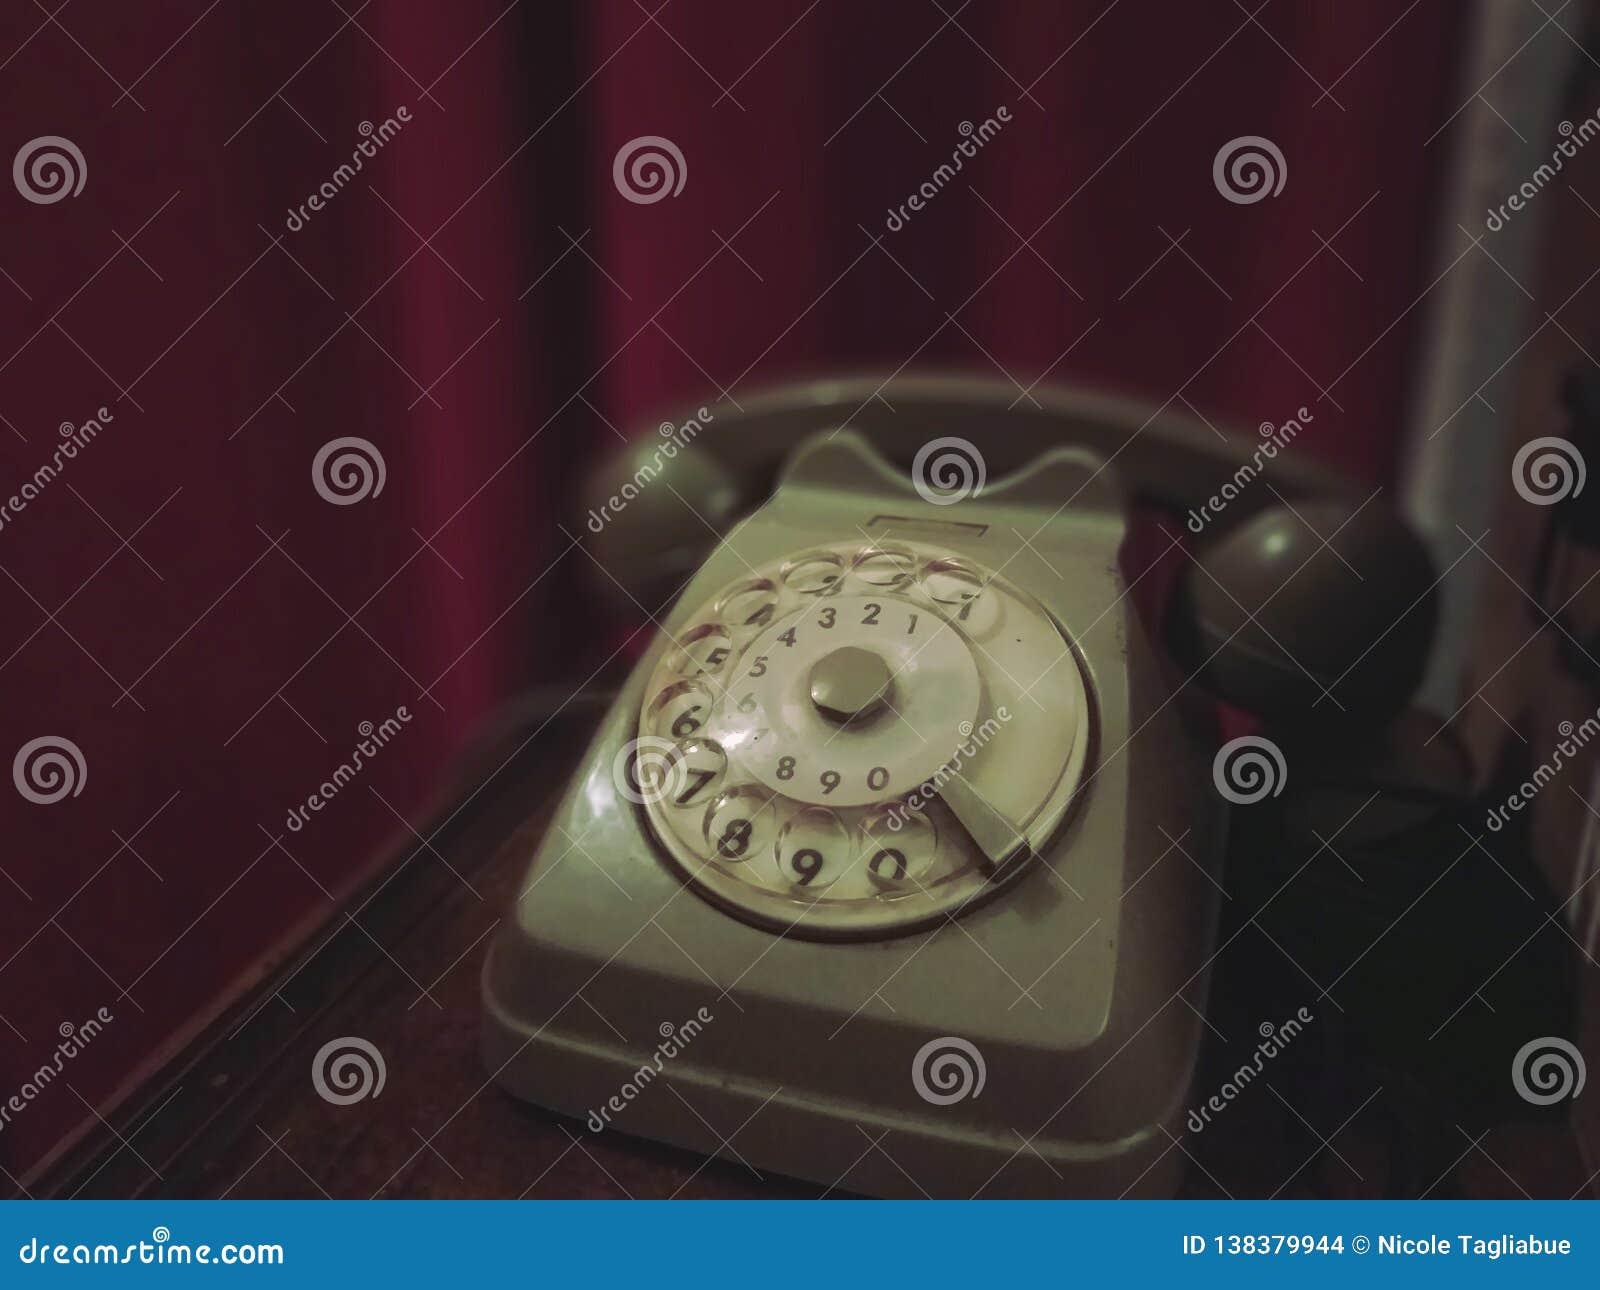 Старый ретро телефон на деревянном столе с красным занавесом на предпосылке - старым фото, винтажным влиянием стиля